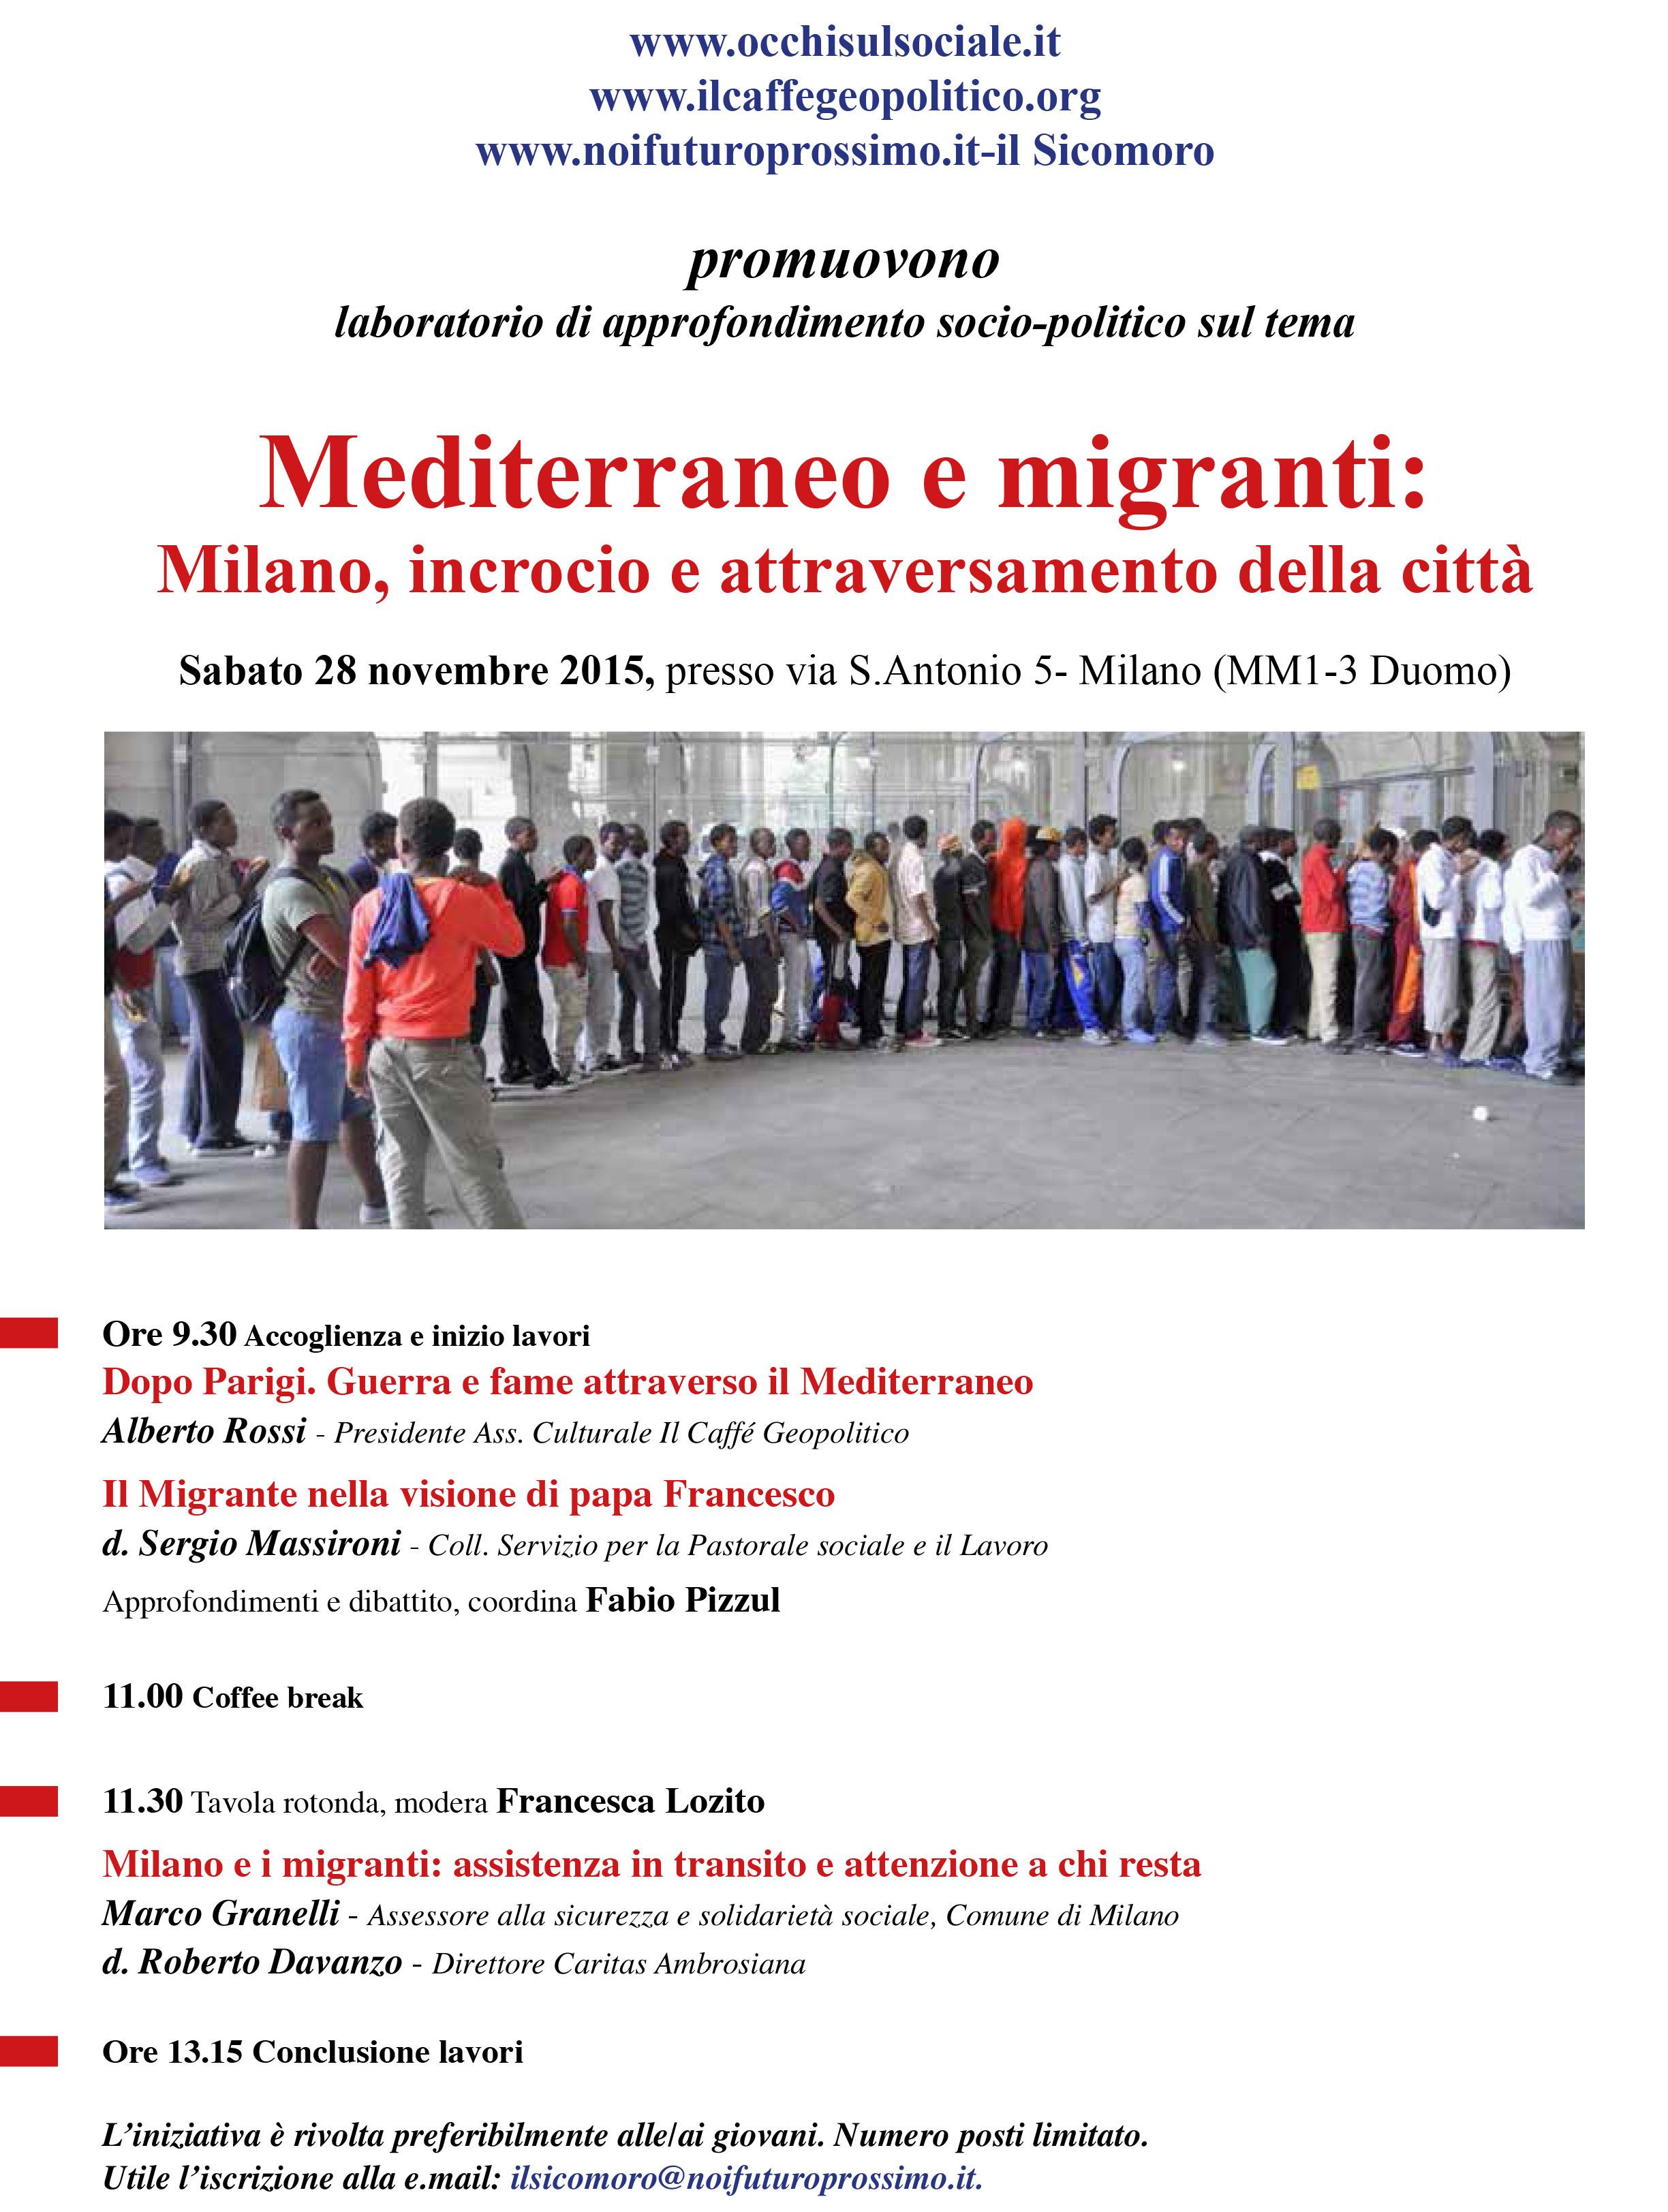 Volantino_migranti1